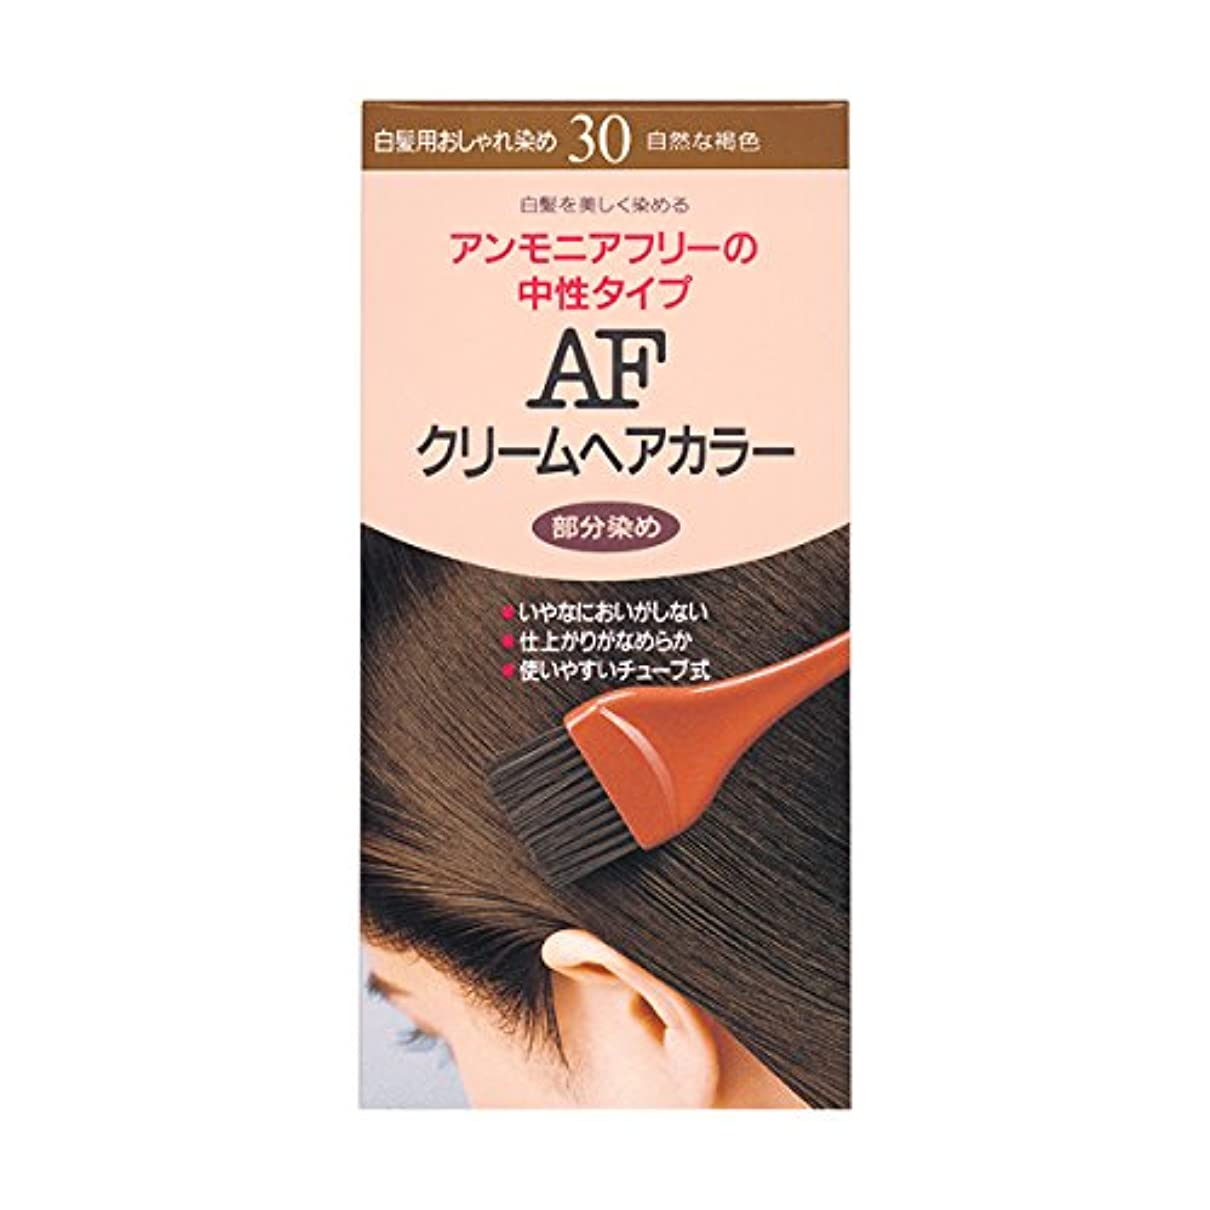 トライアスロンブローカートリッジヘアカラー AFクリームヘアカラー 30 【医薬部外品】